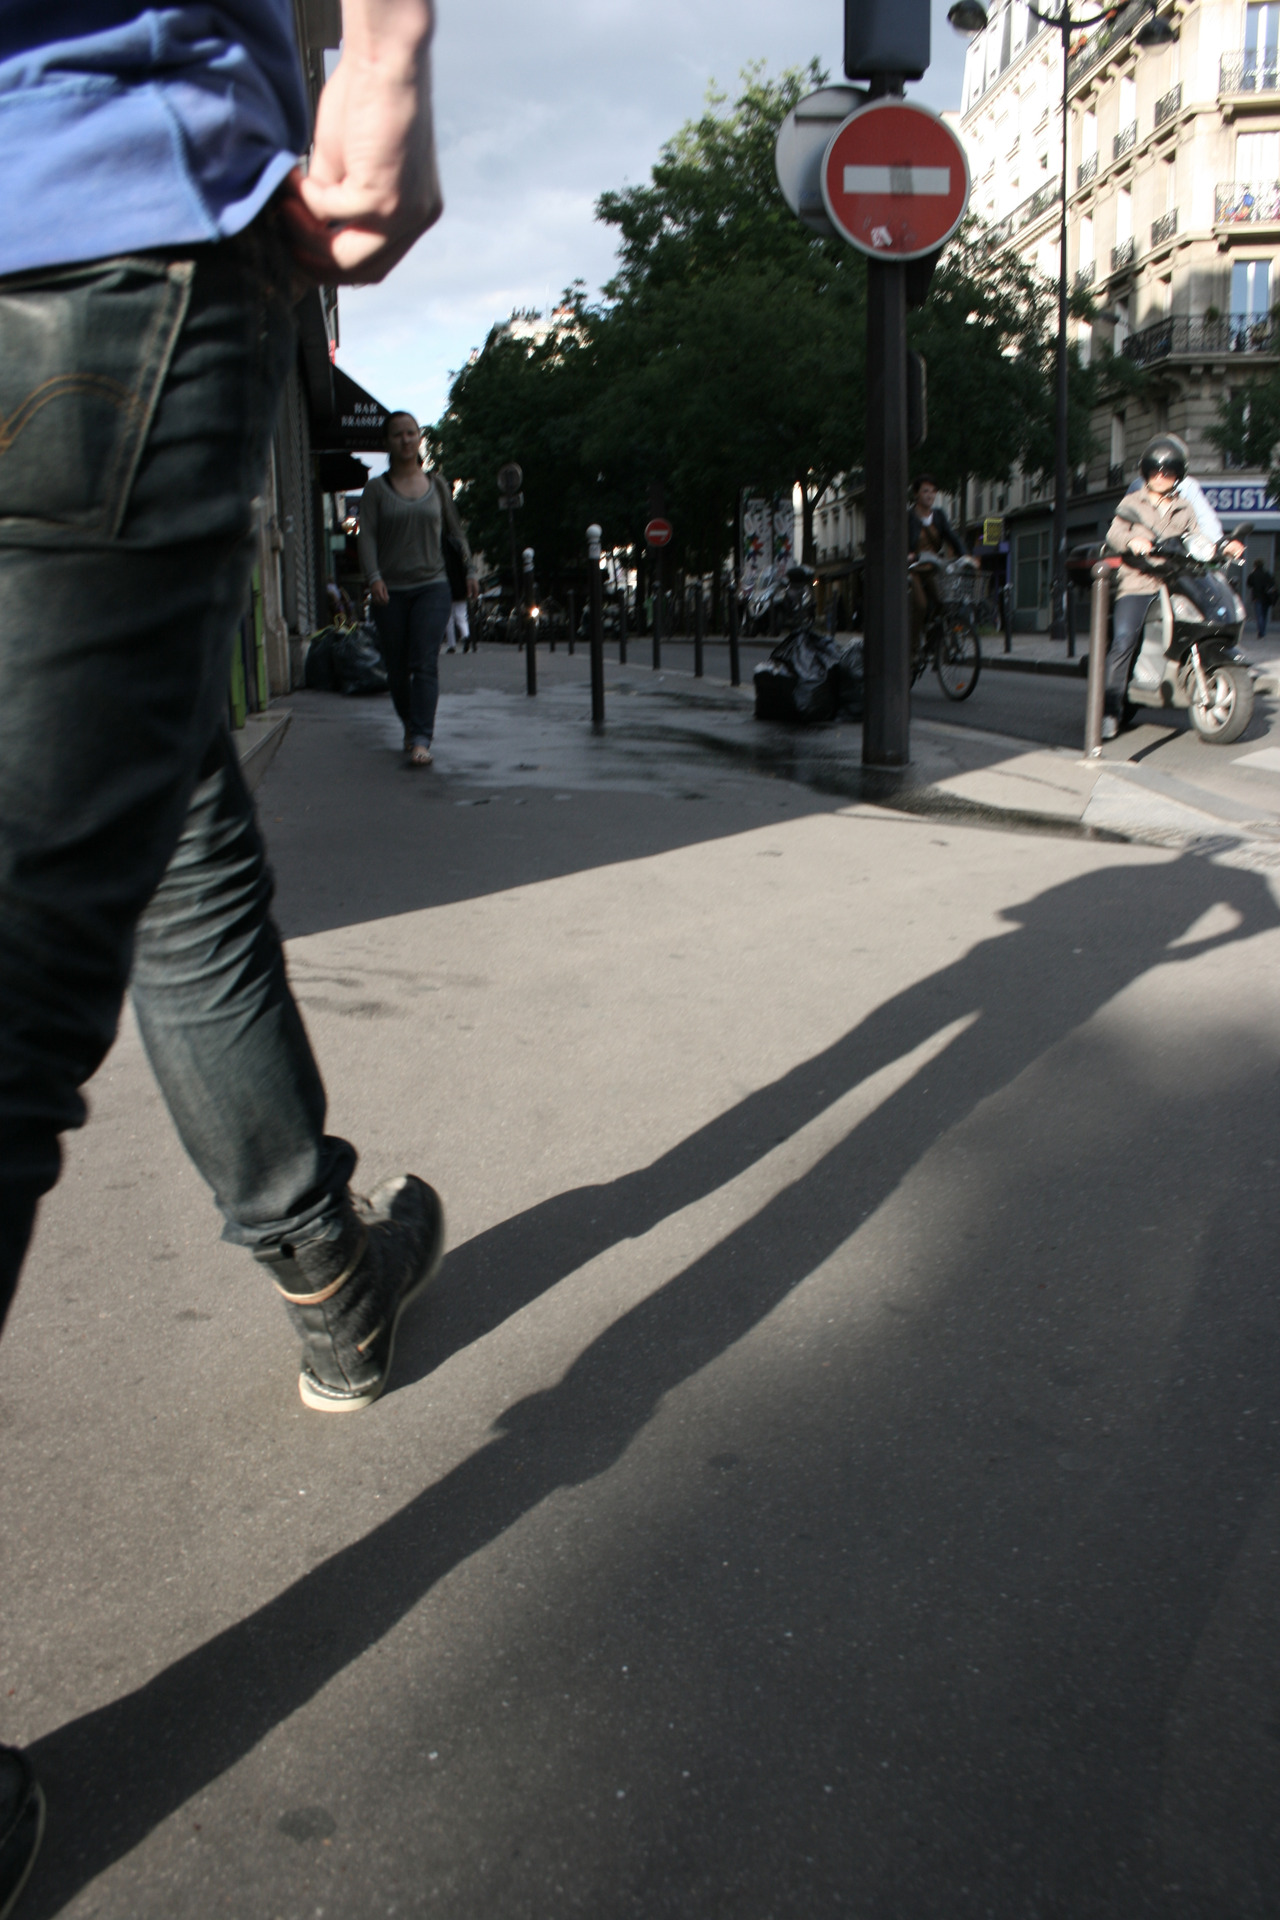 Paris, France | July 2012